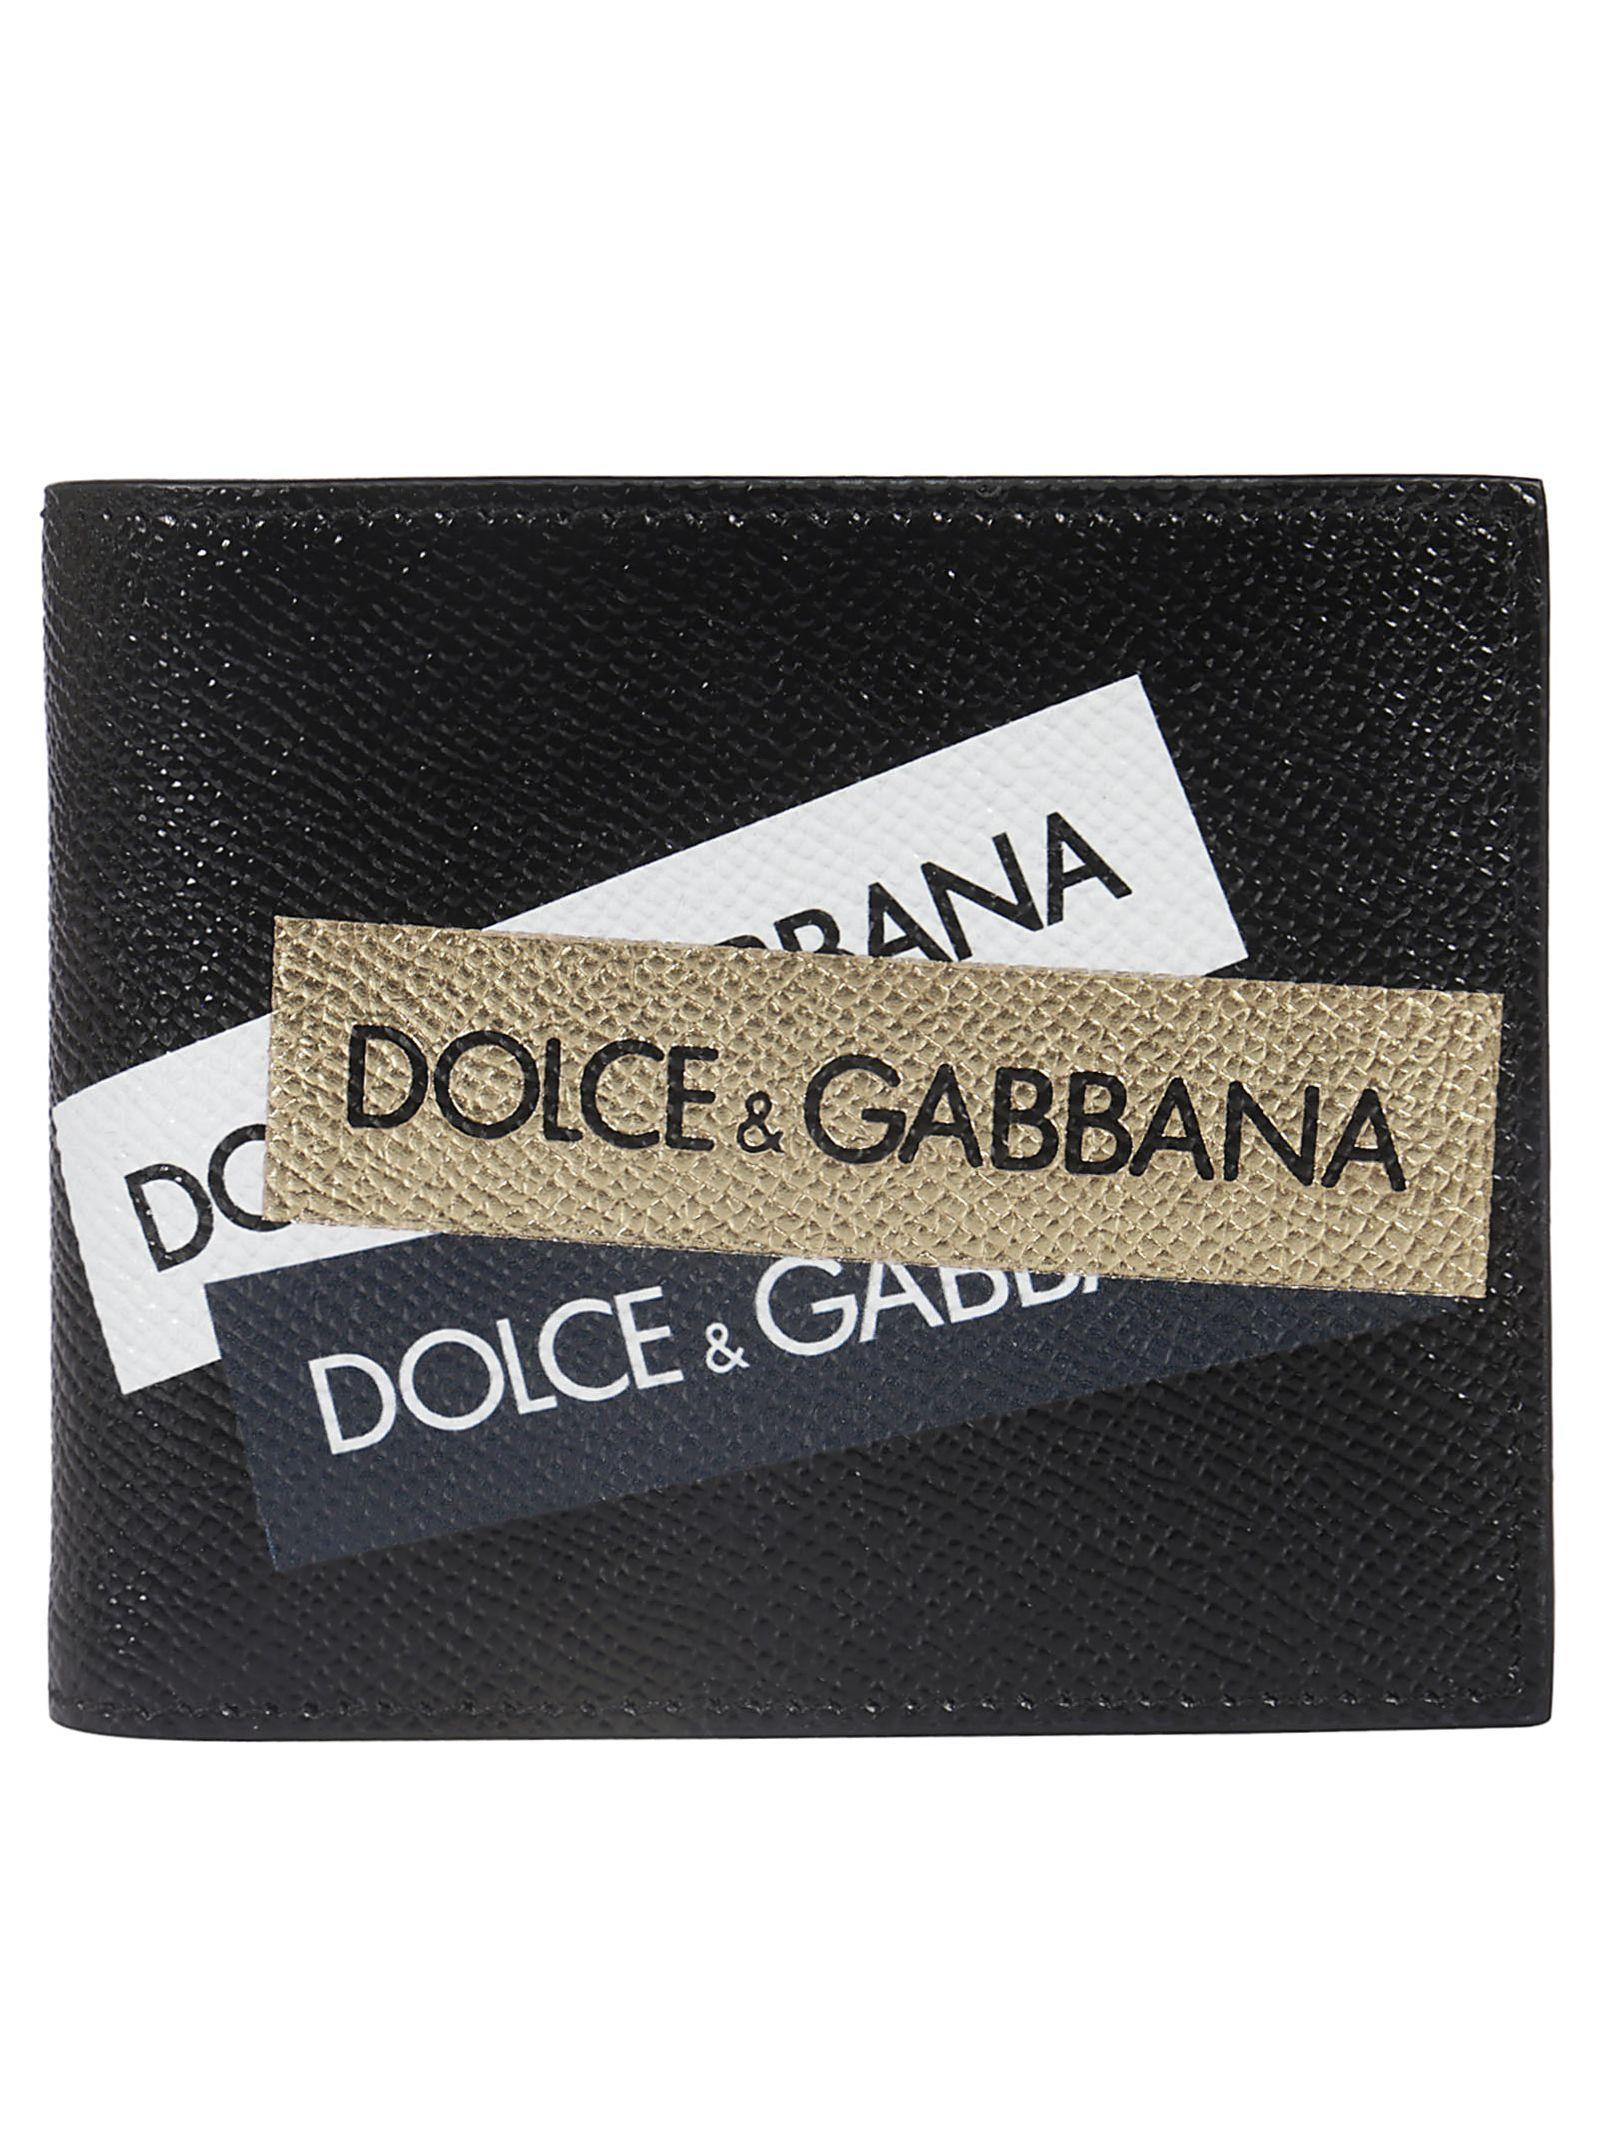 ad72e430f9b7 DOLCE & GABBANA LOGO BIFOLD WALLET. #dolcegabbana | Dolce & Gabbana ...